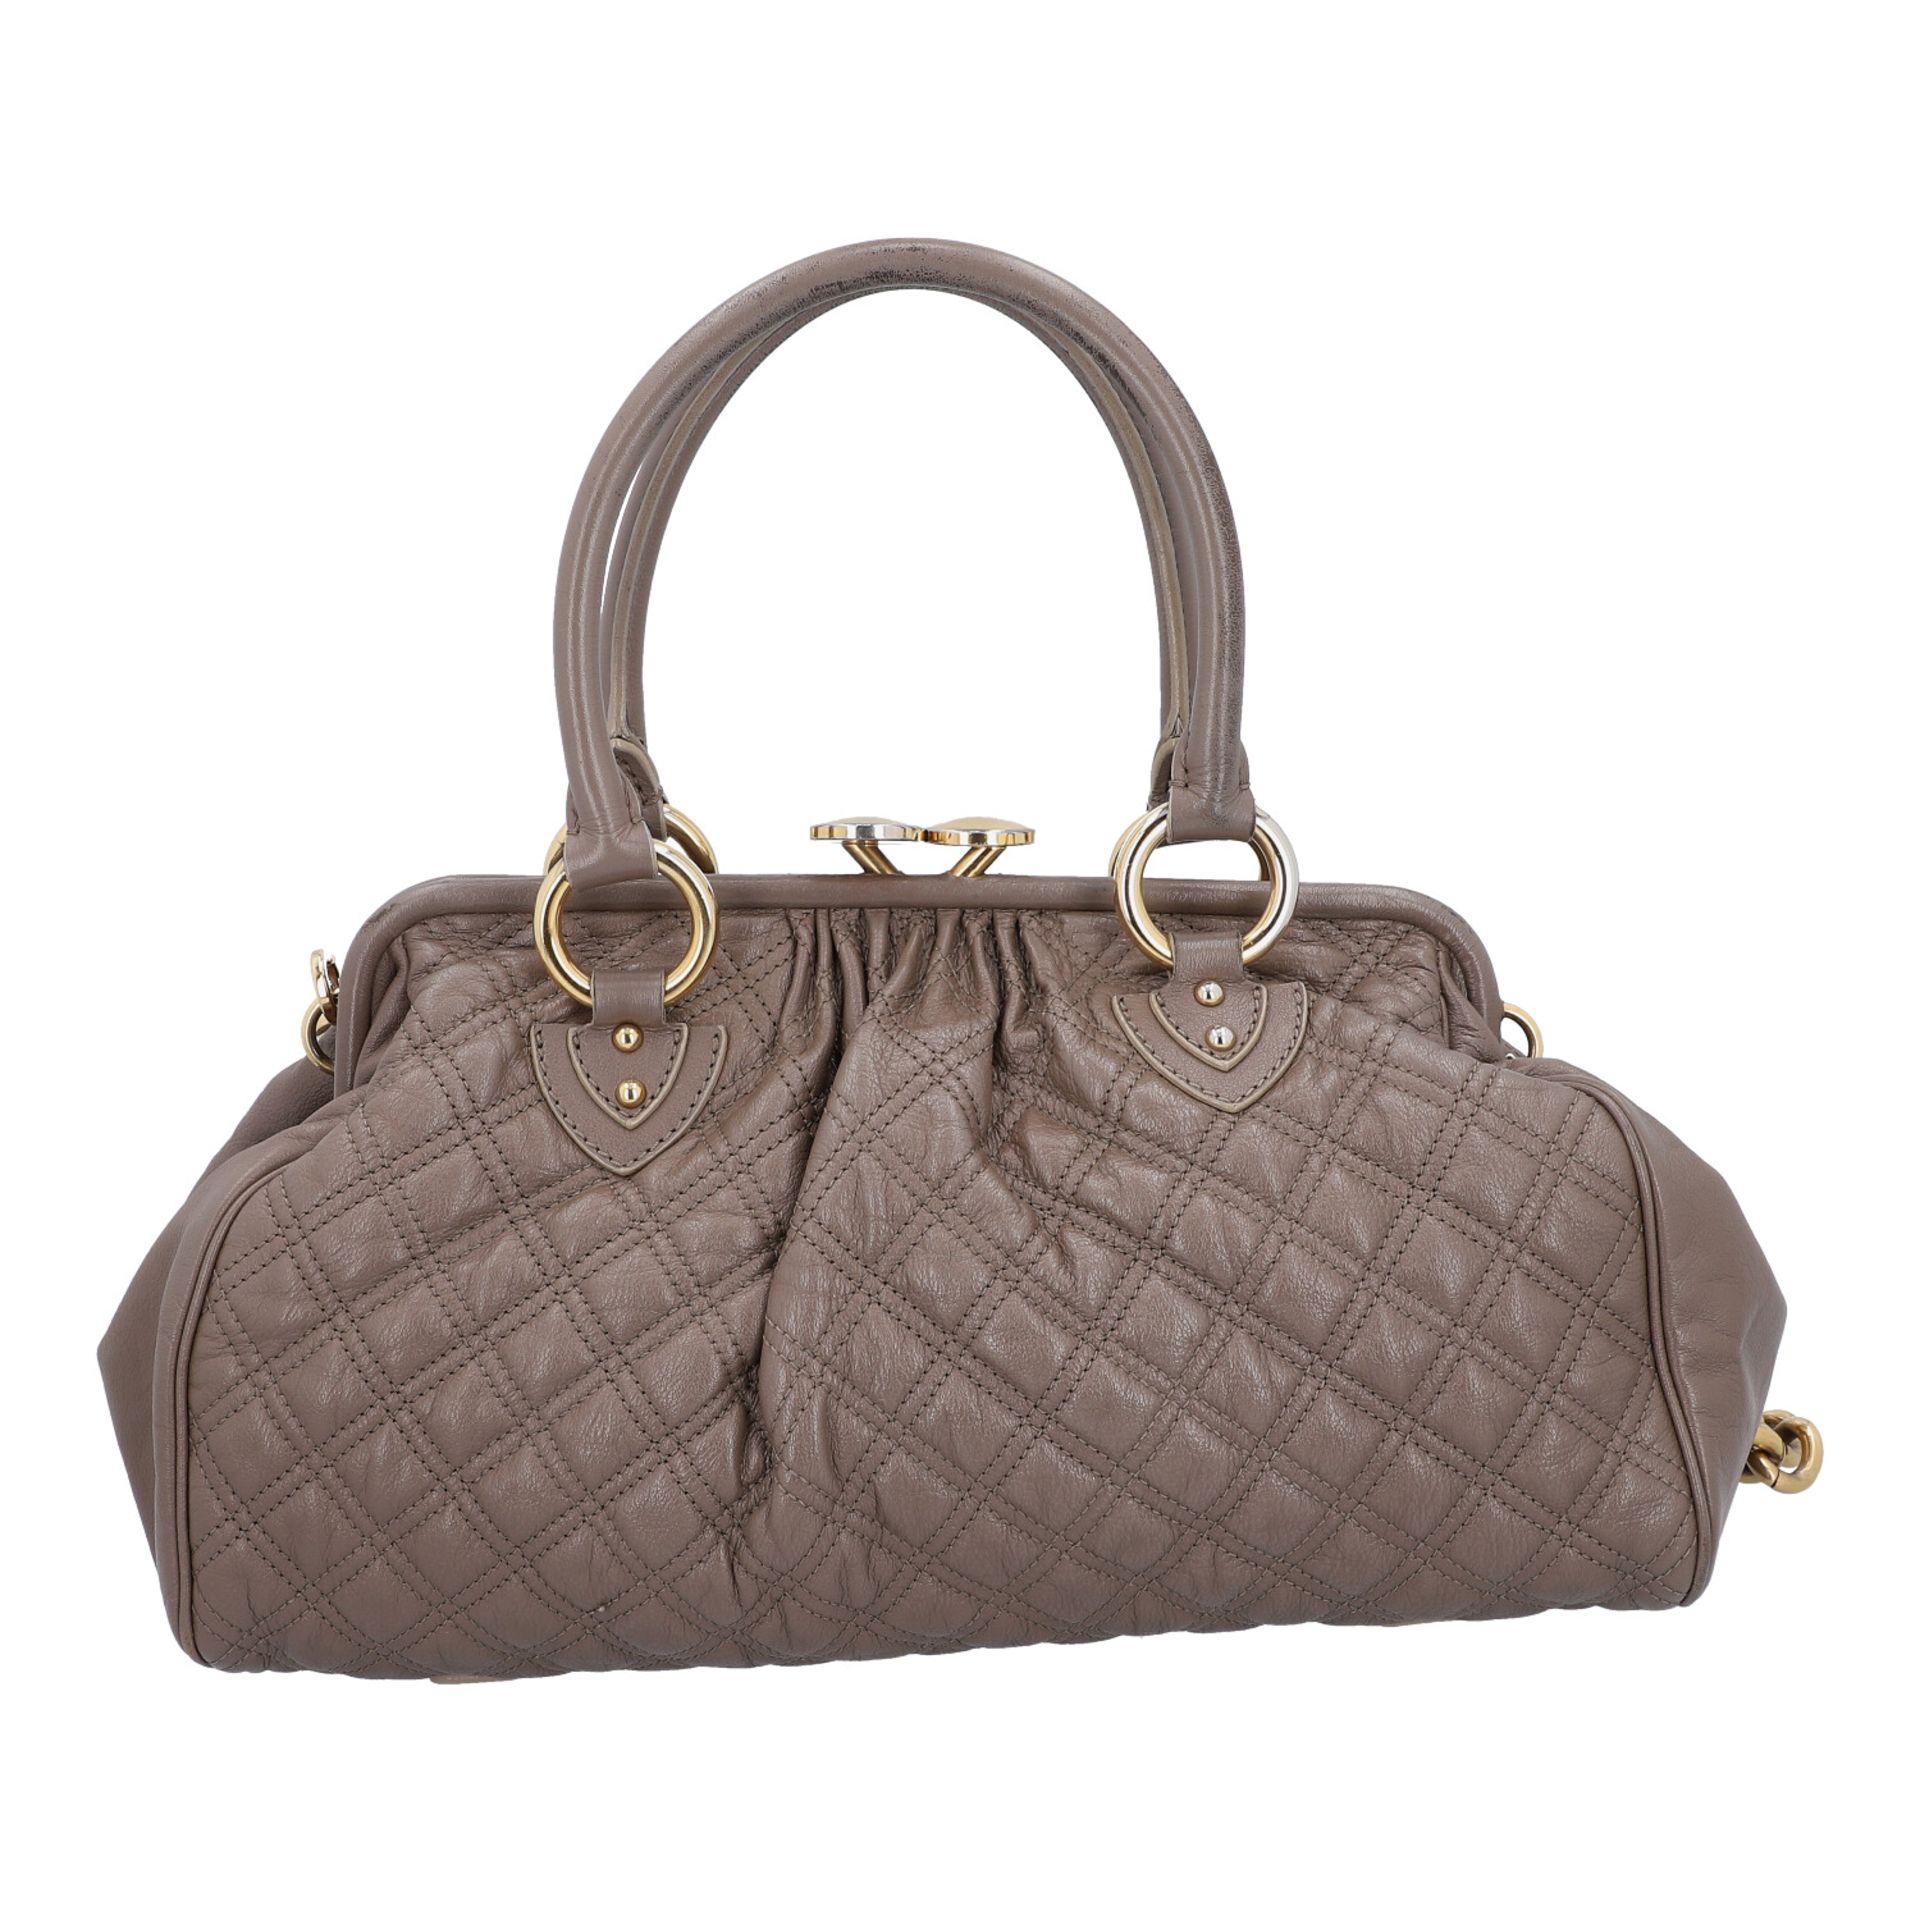 MARC JACOBS Handtasche. Leder in Elefantengrau mit goldfarbener Hardware und Rautenste - Image 4 of 8